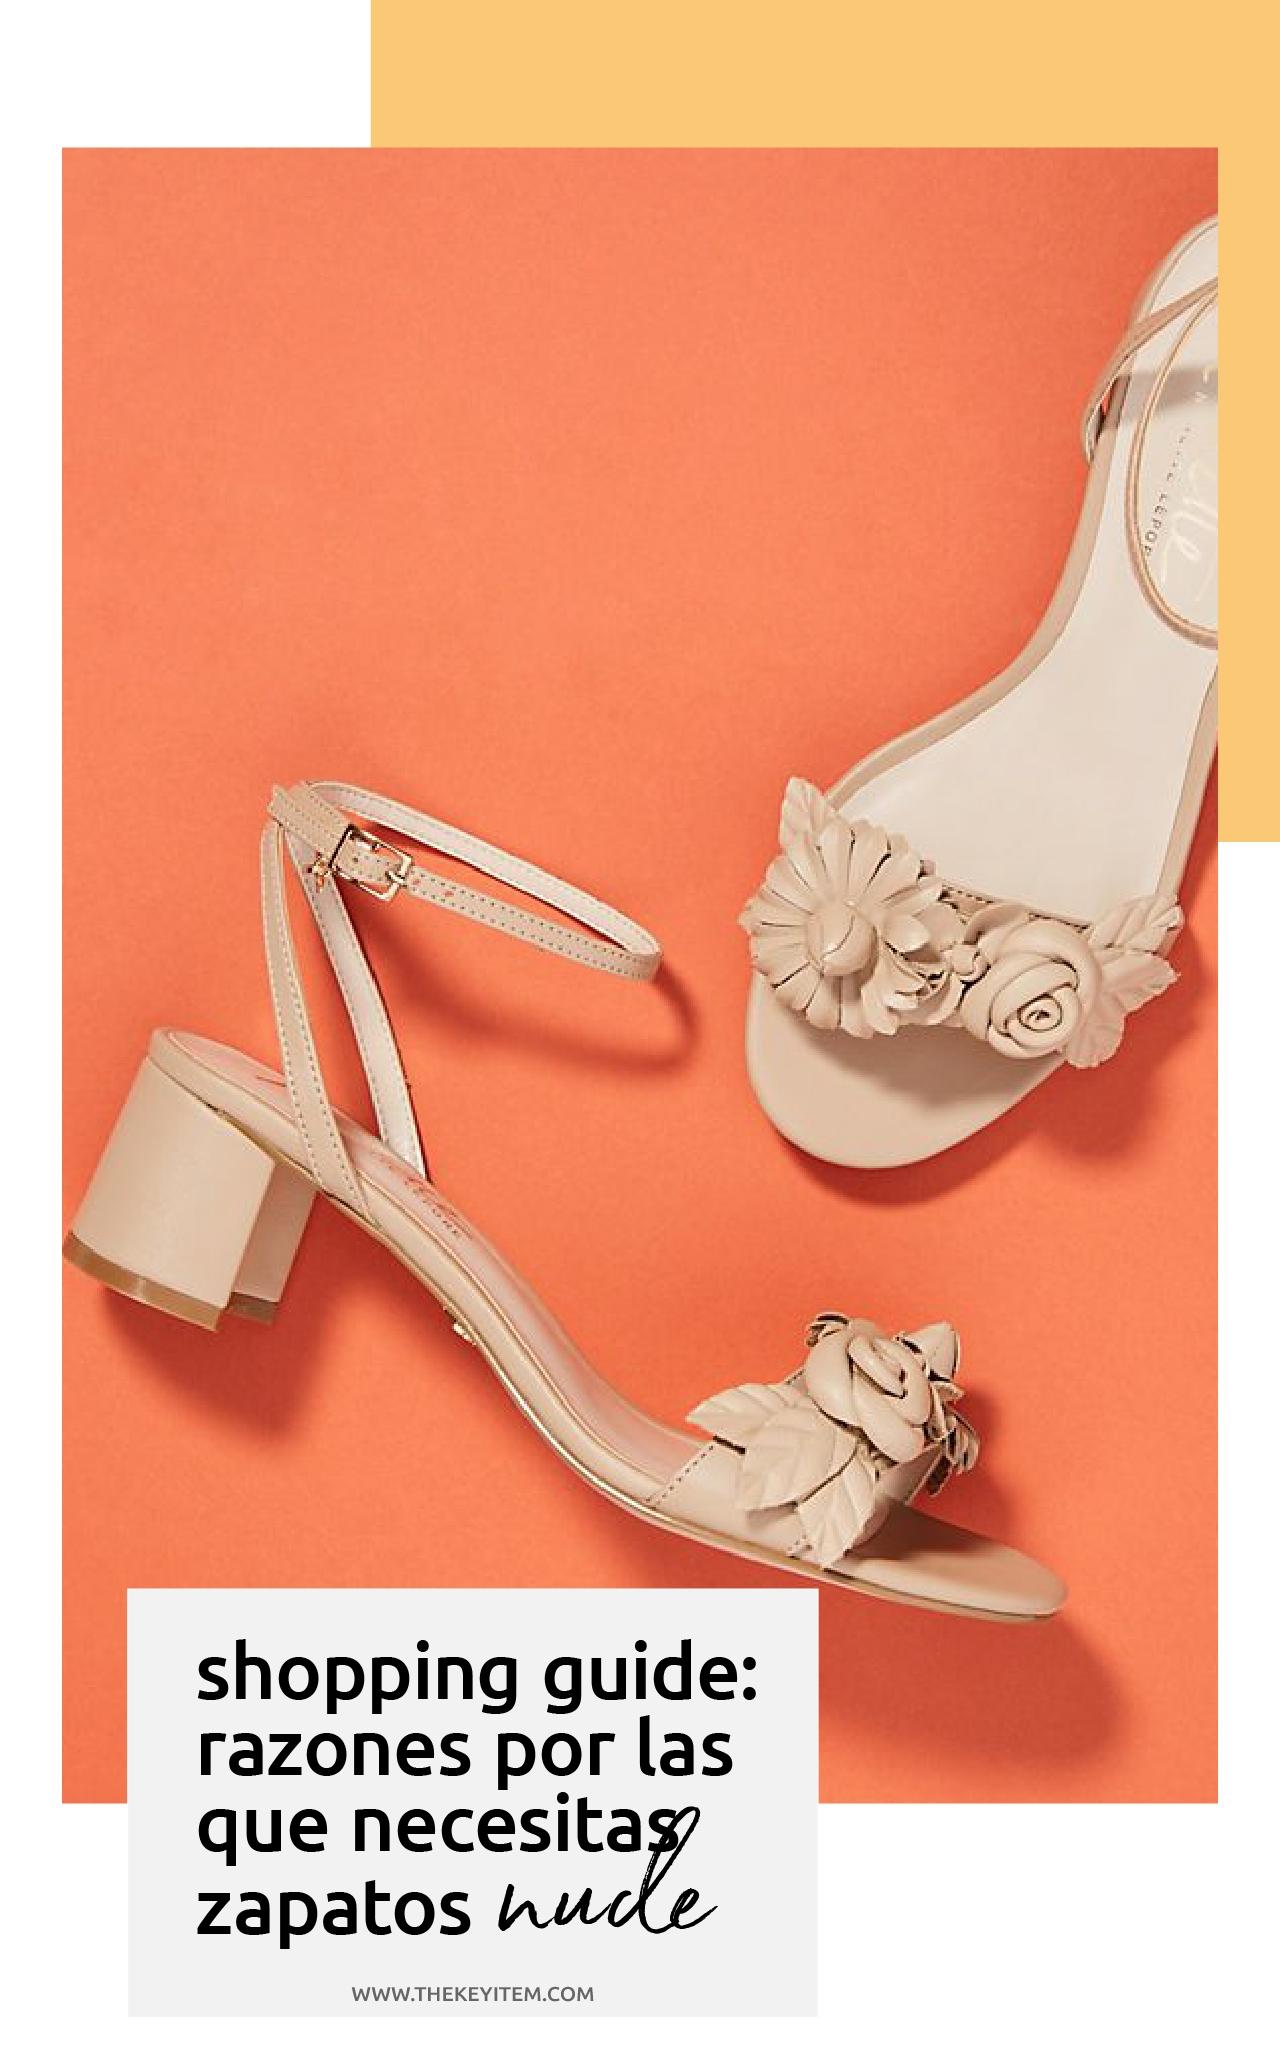 3 Razones Porque Necesitas Unos Zapatos Color Piel | www.thekeyitem.com